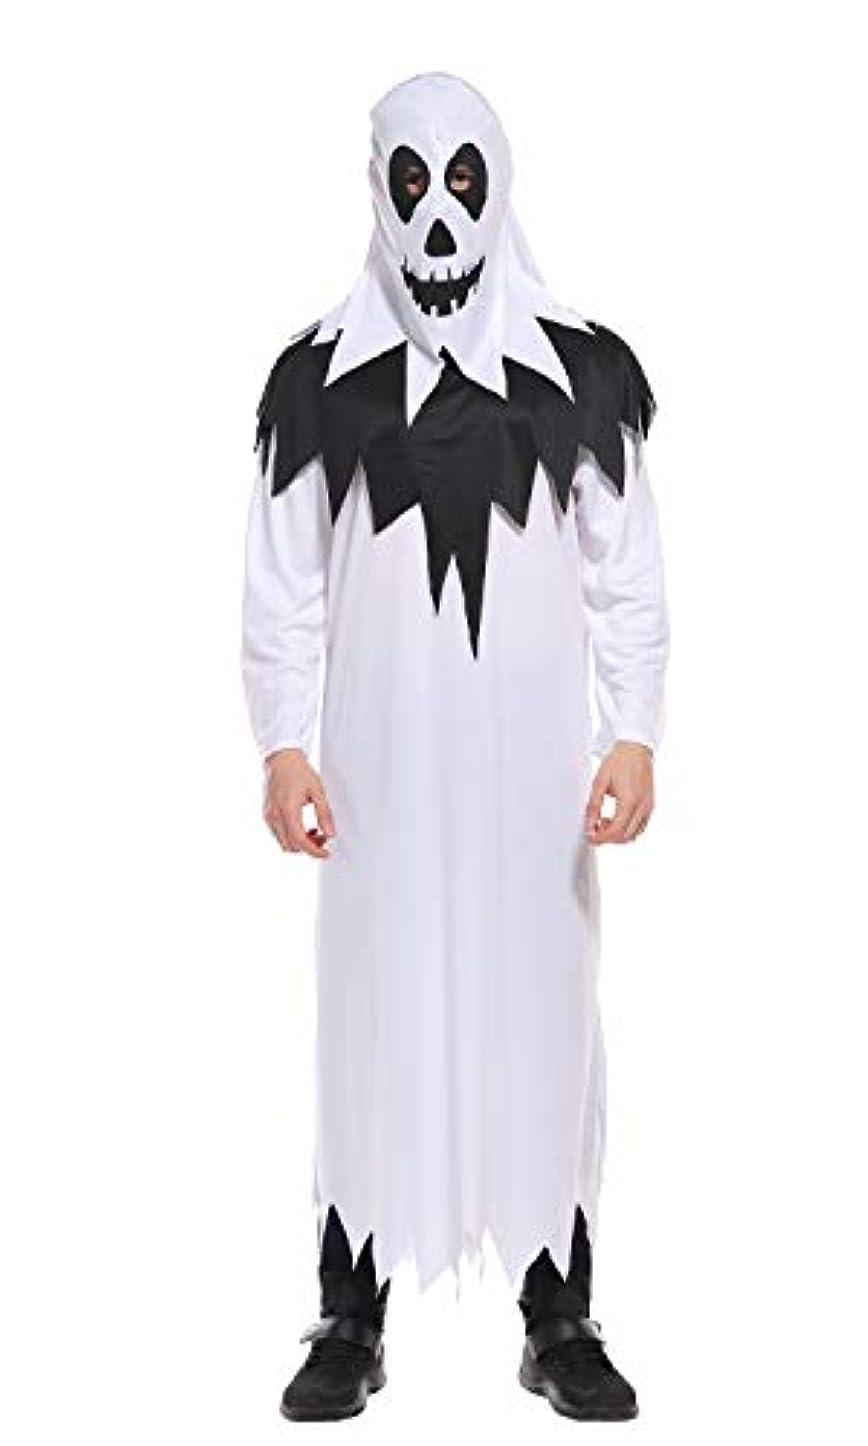 読みやすさ東ティモールのりBinse ハロウィンマント ドラキュラ変装 コスプレ 仮装用マント フリーサイズ 大人用 肩下約150㎝ フード付き